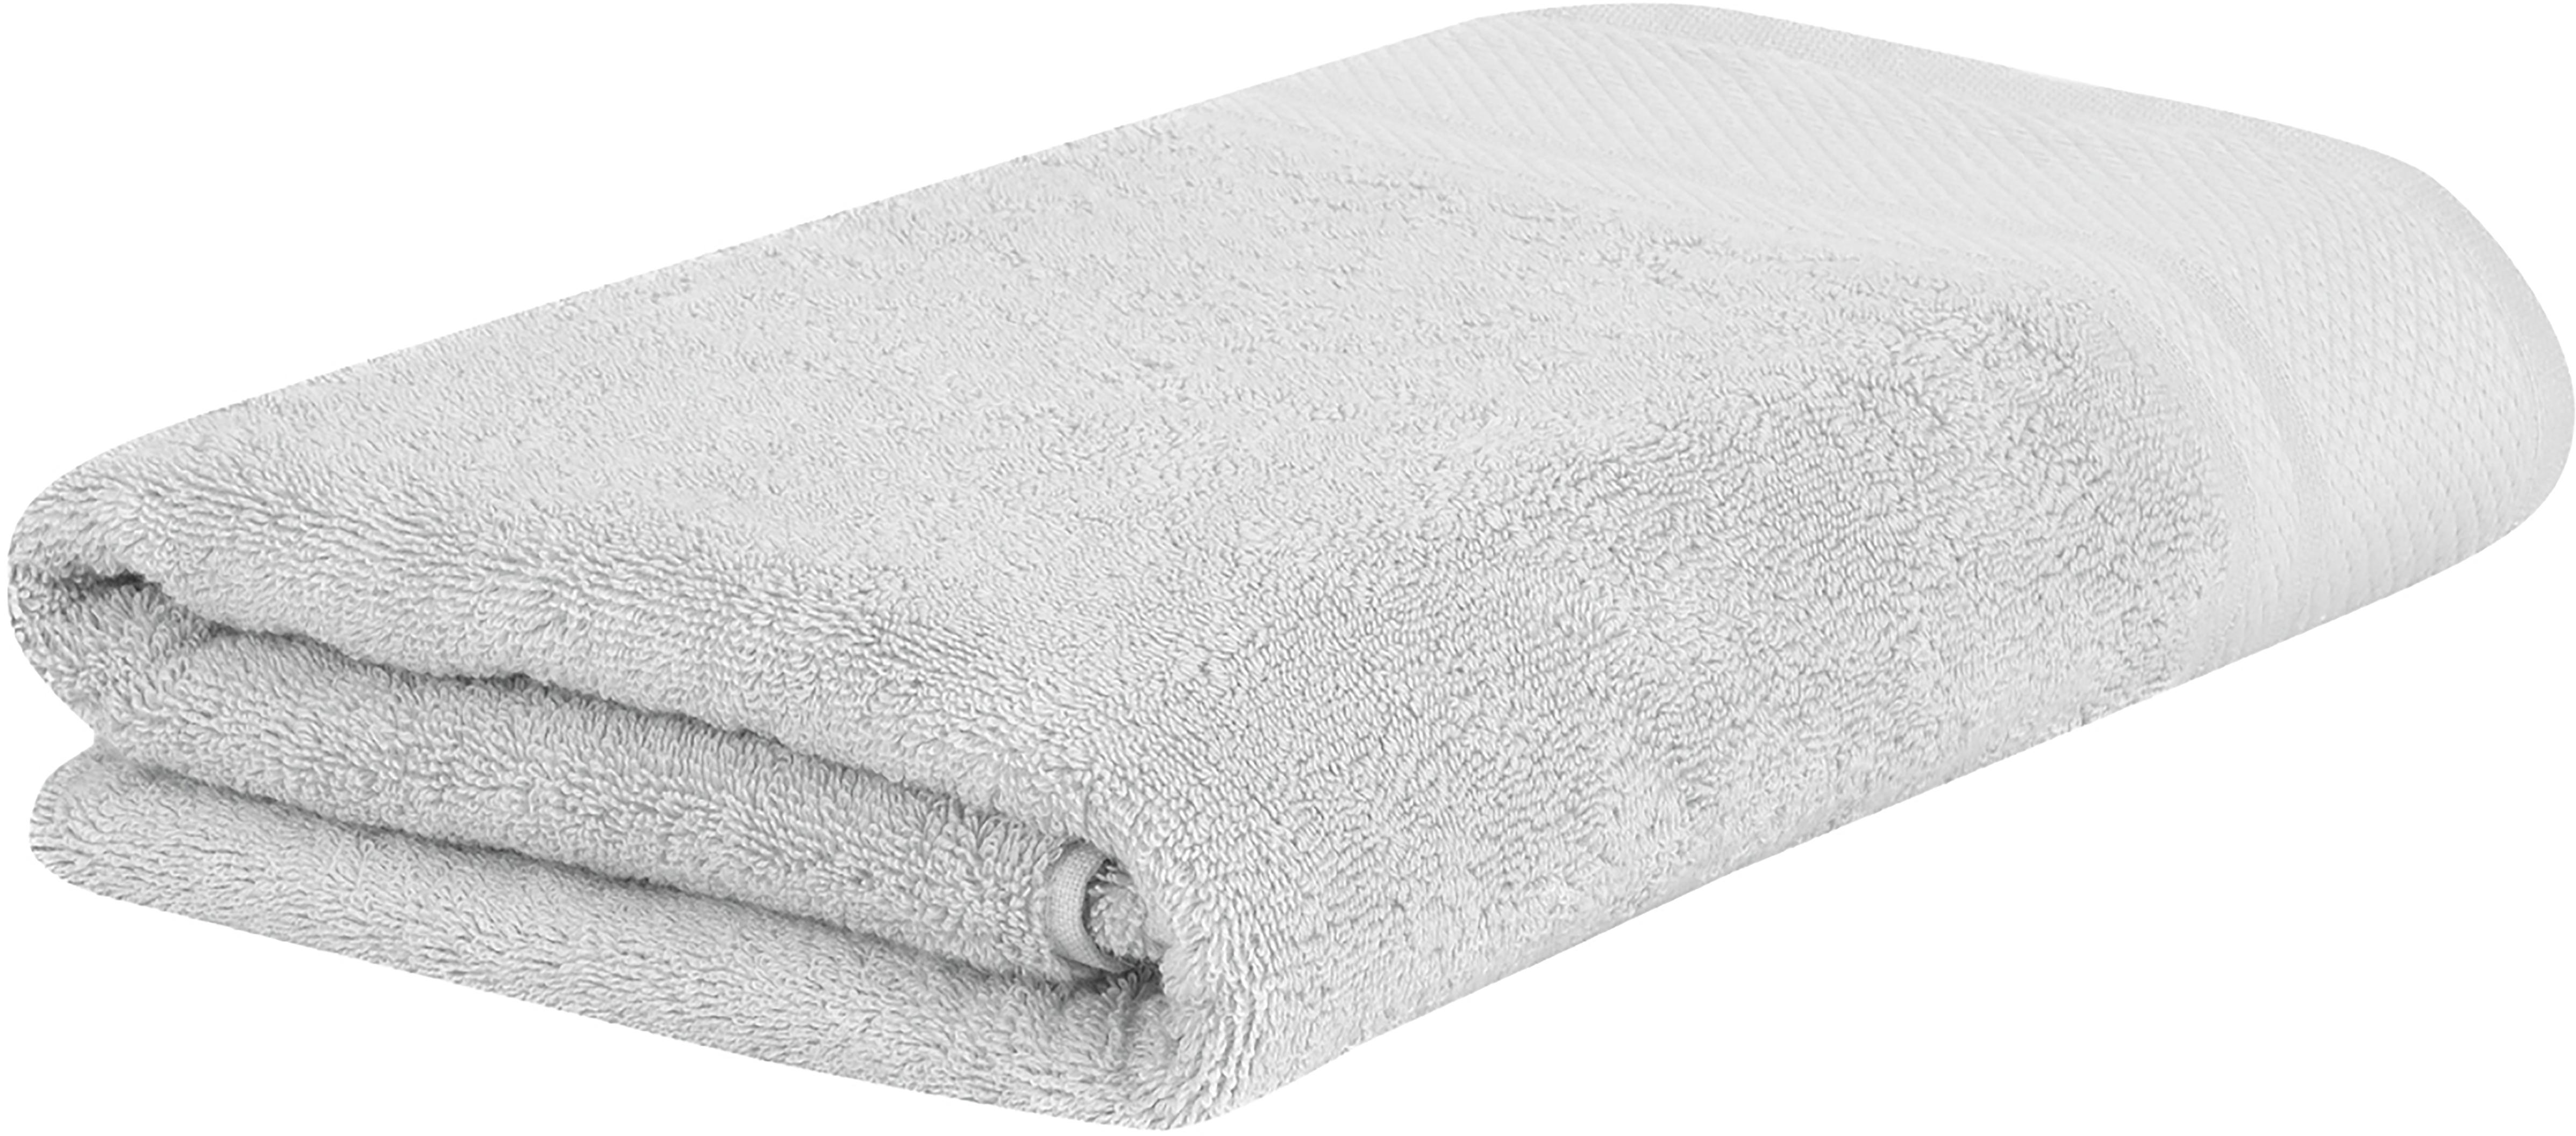 Toalla con cenefa clásica Premium, 100%algodón Gramaje superior 600g/m², Gris claro, Toalla baño